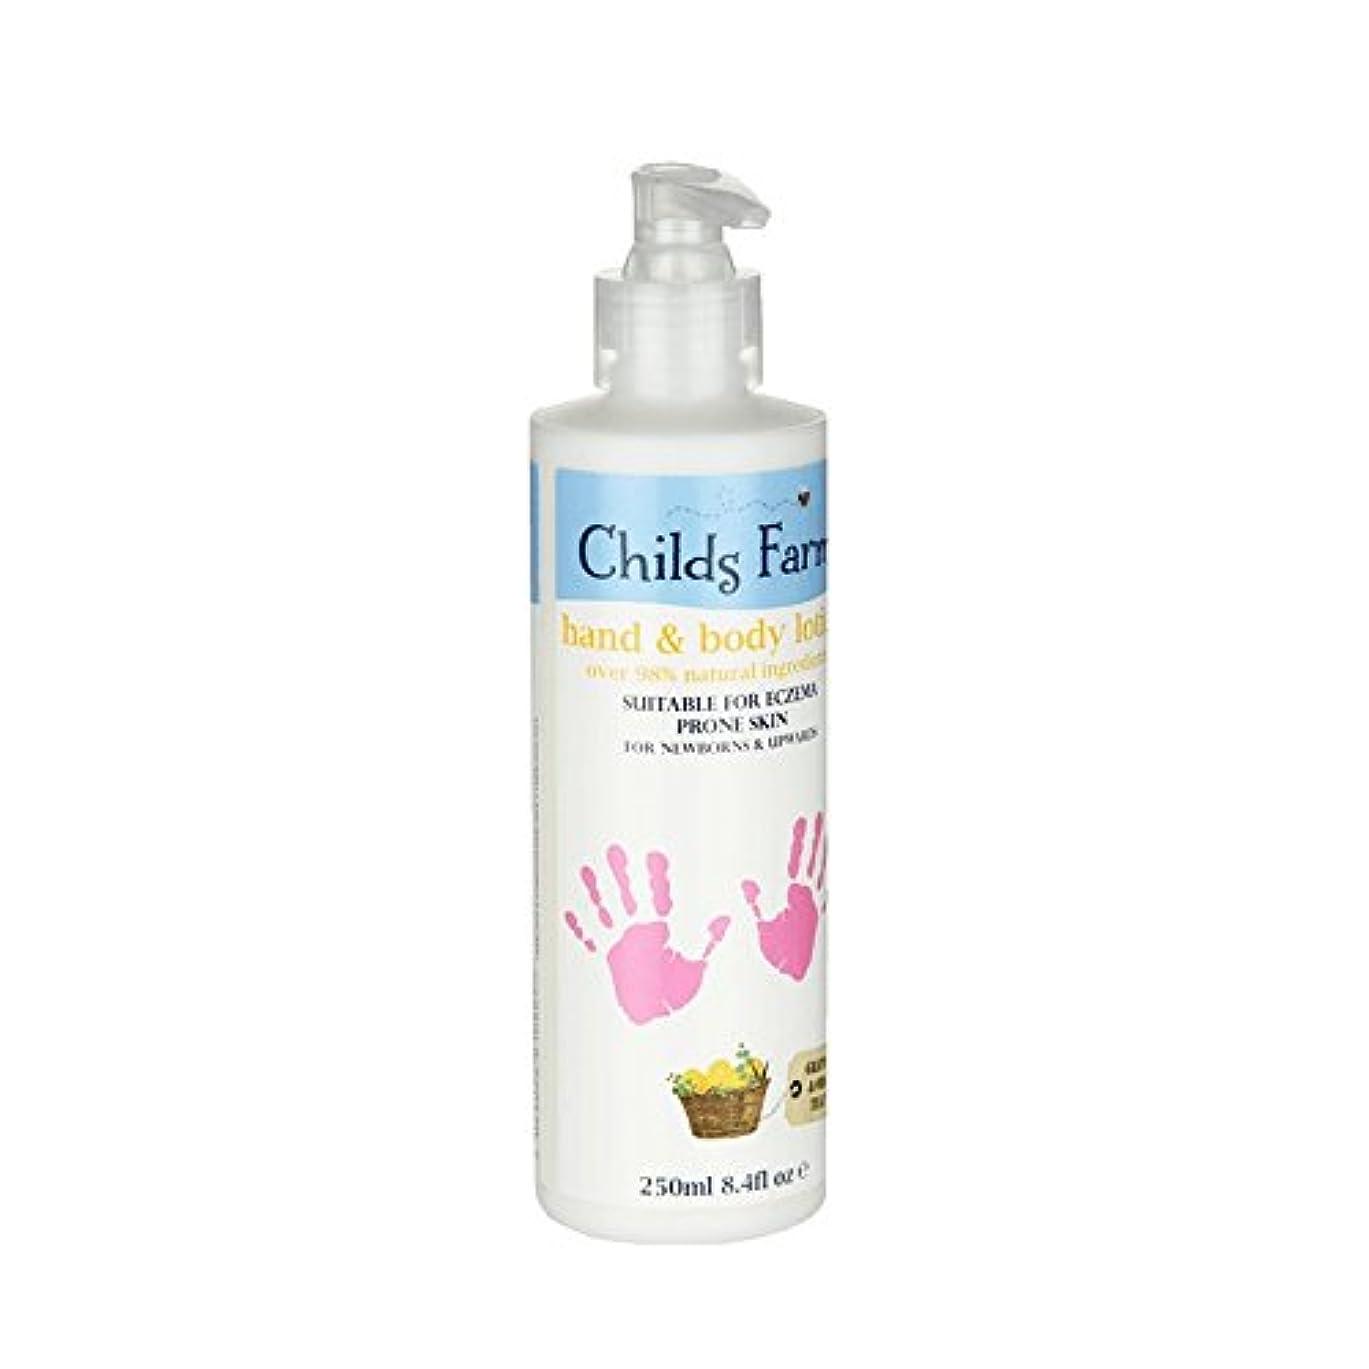 実質的に検査ジェスチャー絹のような肌の250ミリリットルのためのチャイルズファームハンド&ボディローション - Childs Farm Hand & Body Lotion for Silky Skin 250ml (Childs Farm) [並行輸入品]